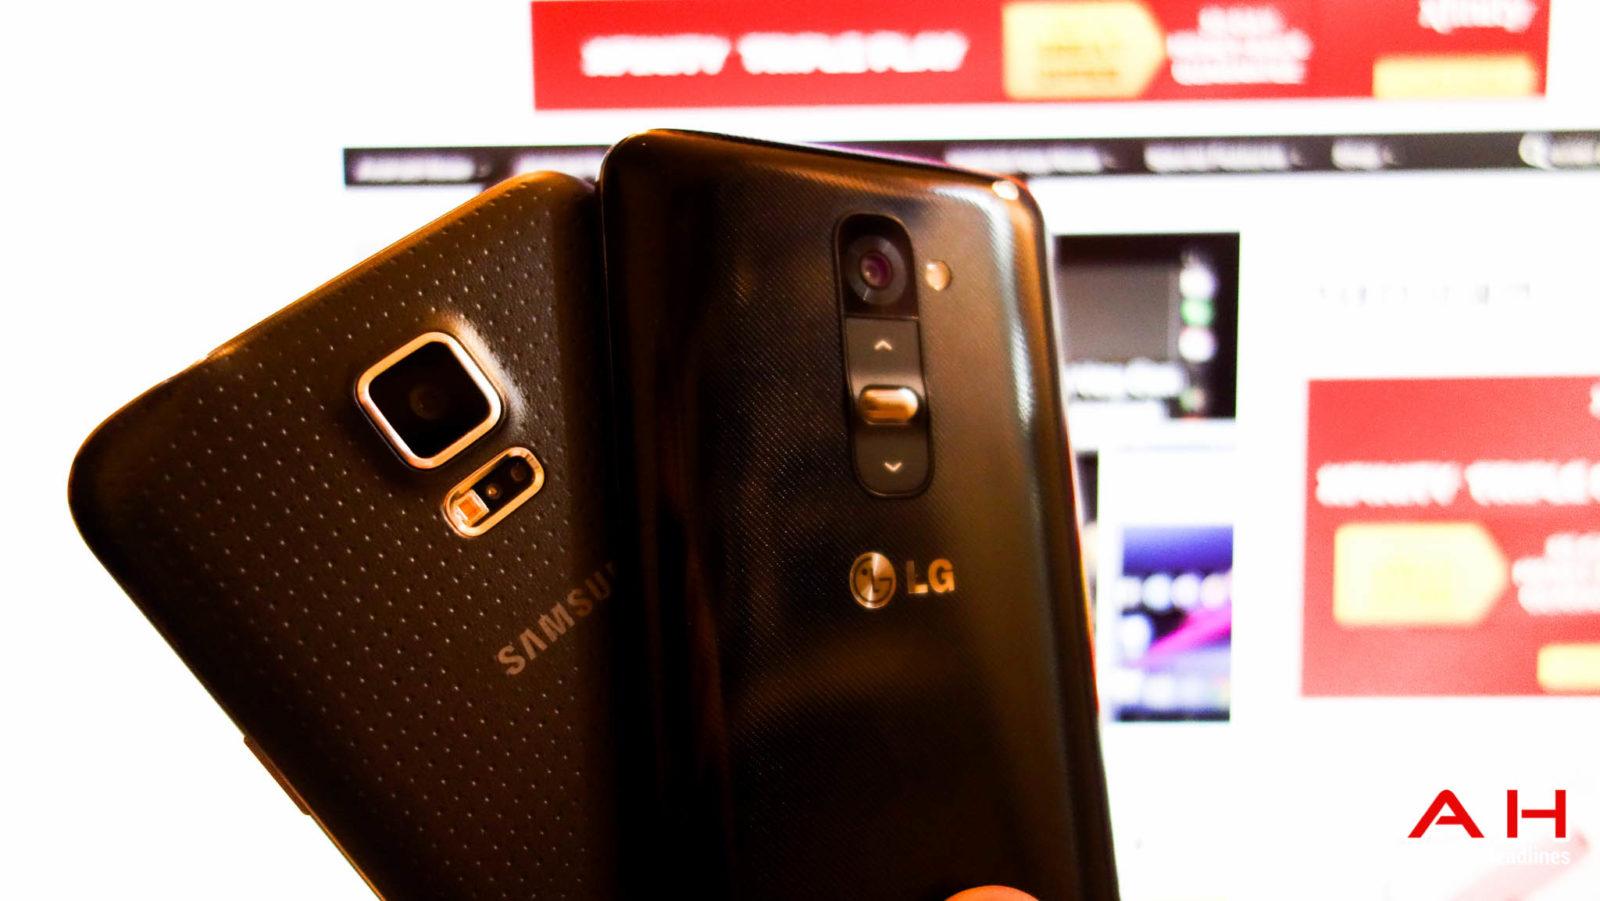 Samsung-Galaxy-S5-vs-LG-G2-AH-1